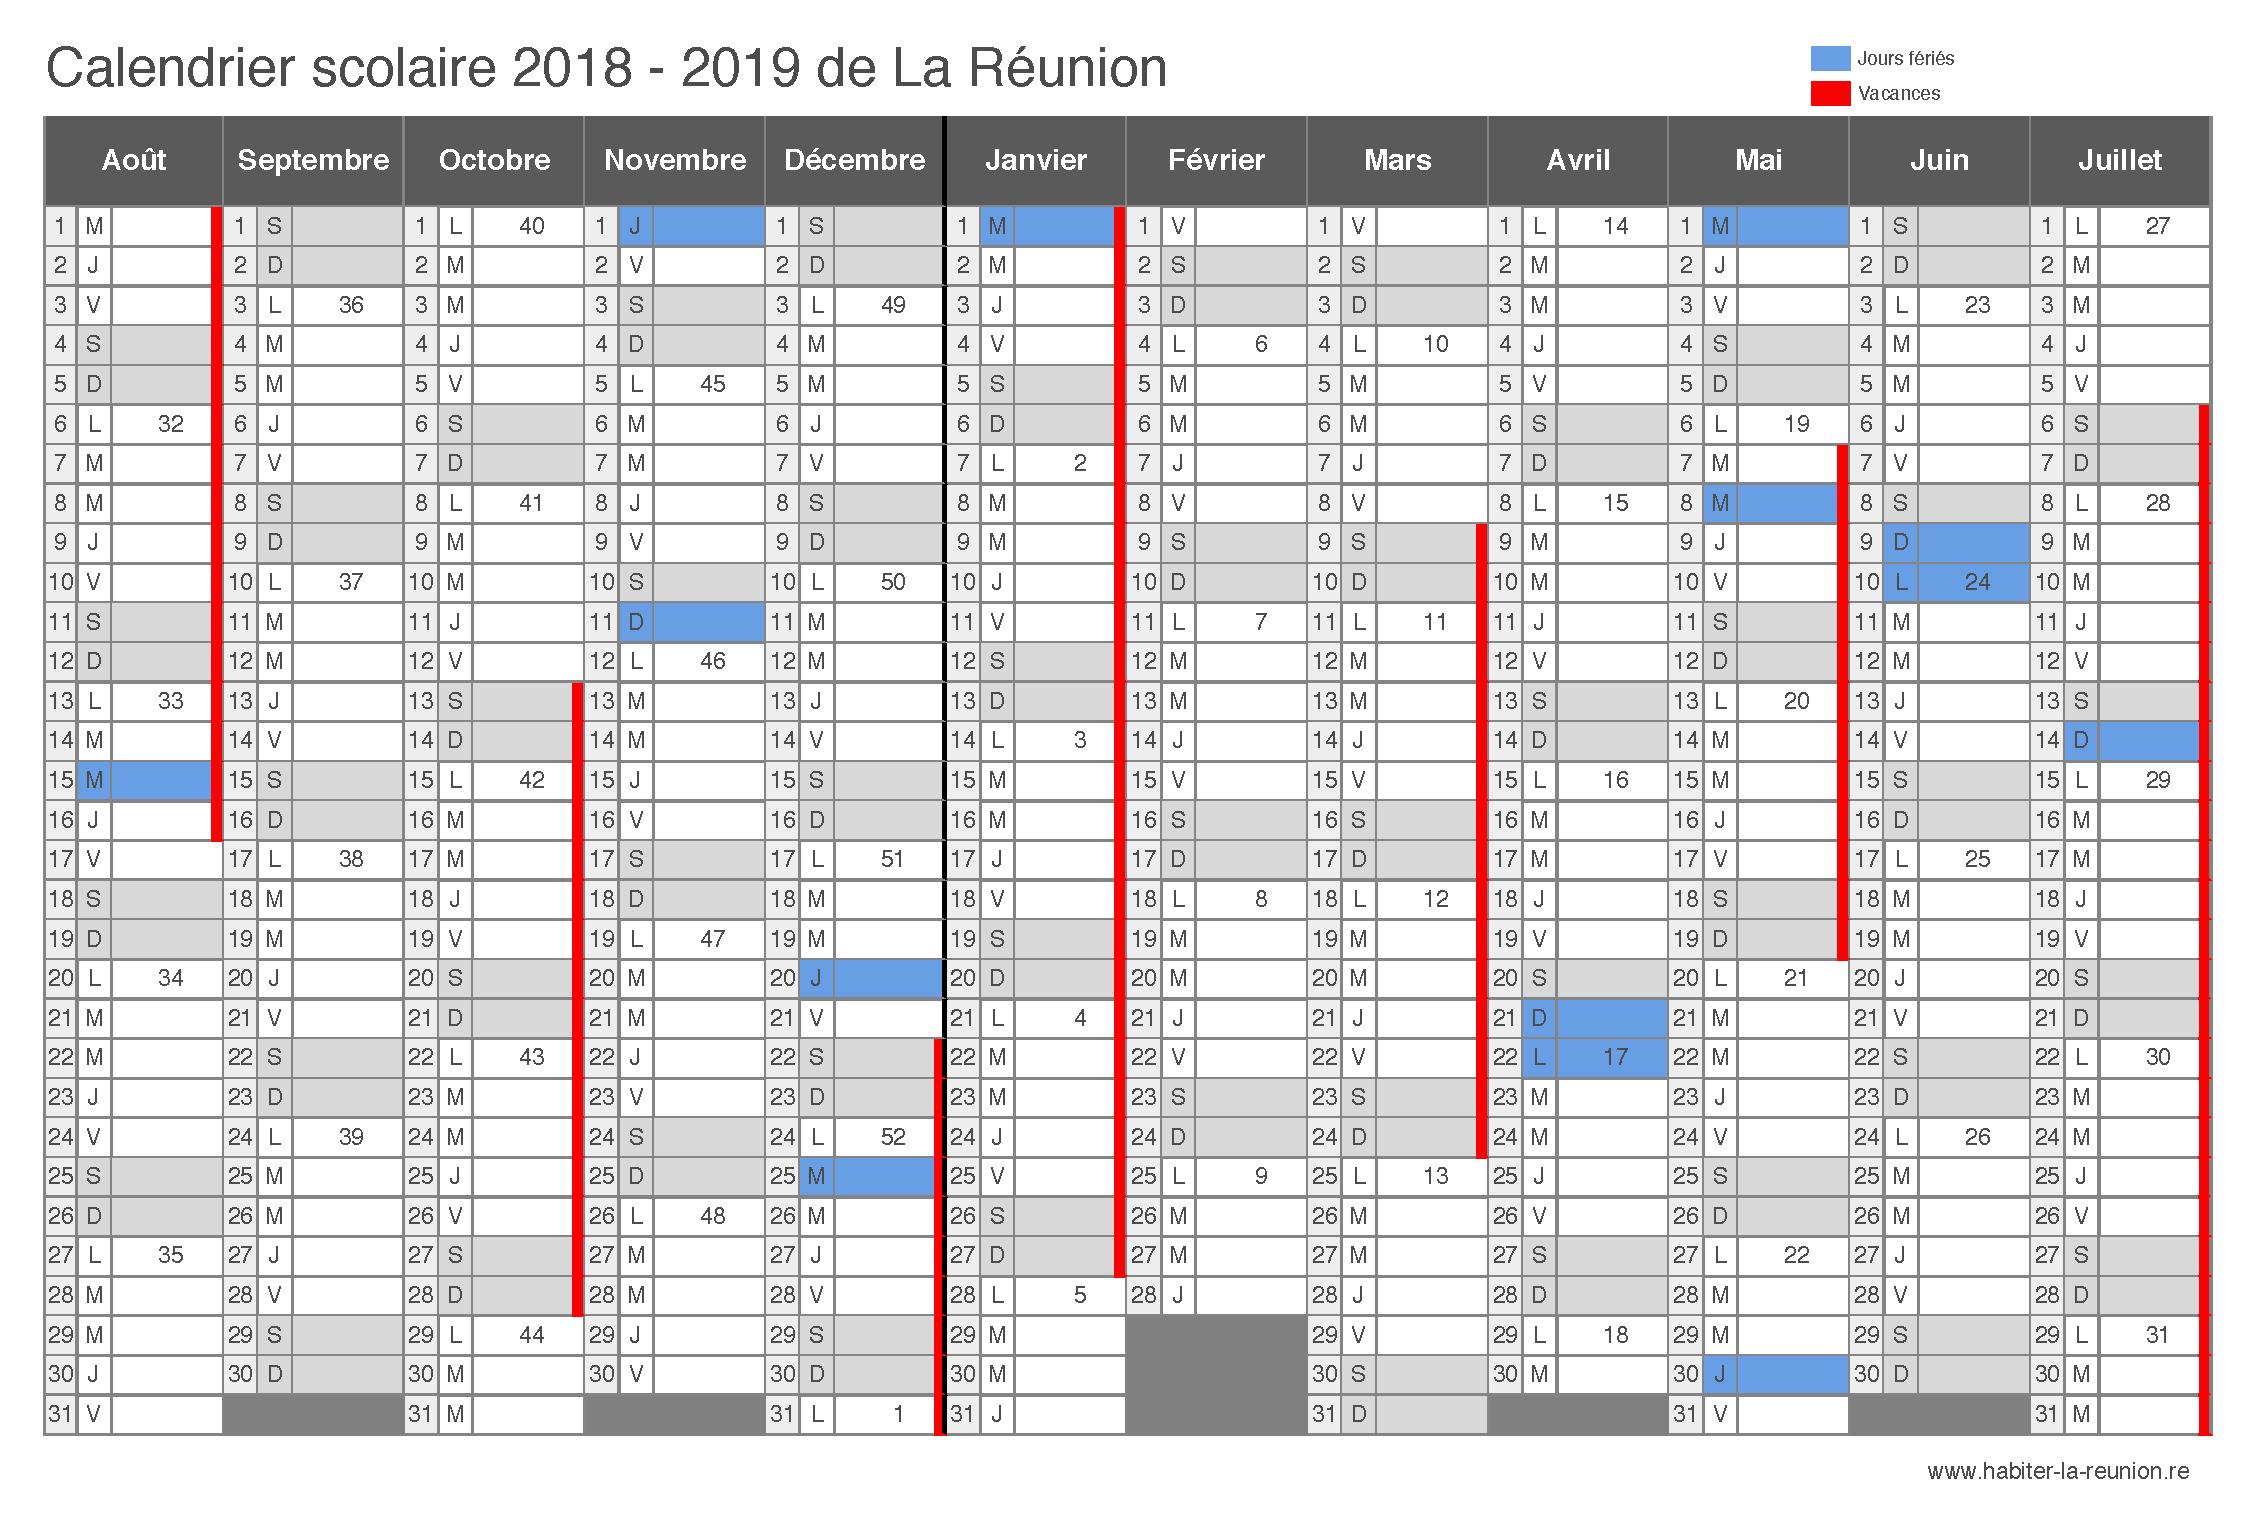 Calendrier-scolaire-La-Réunion-2018-2019